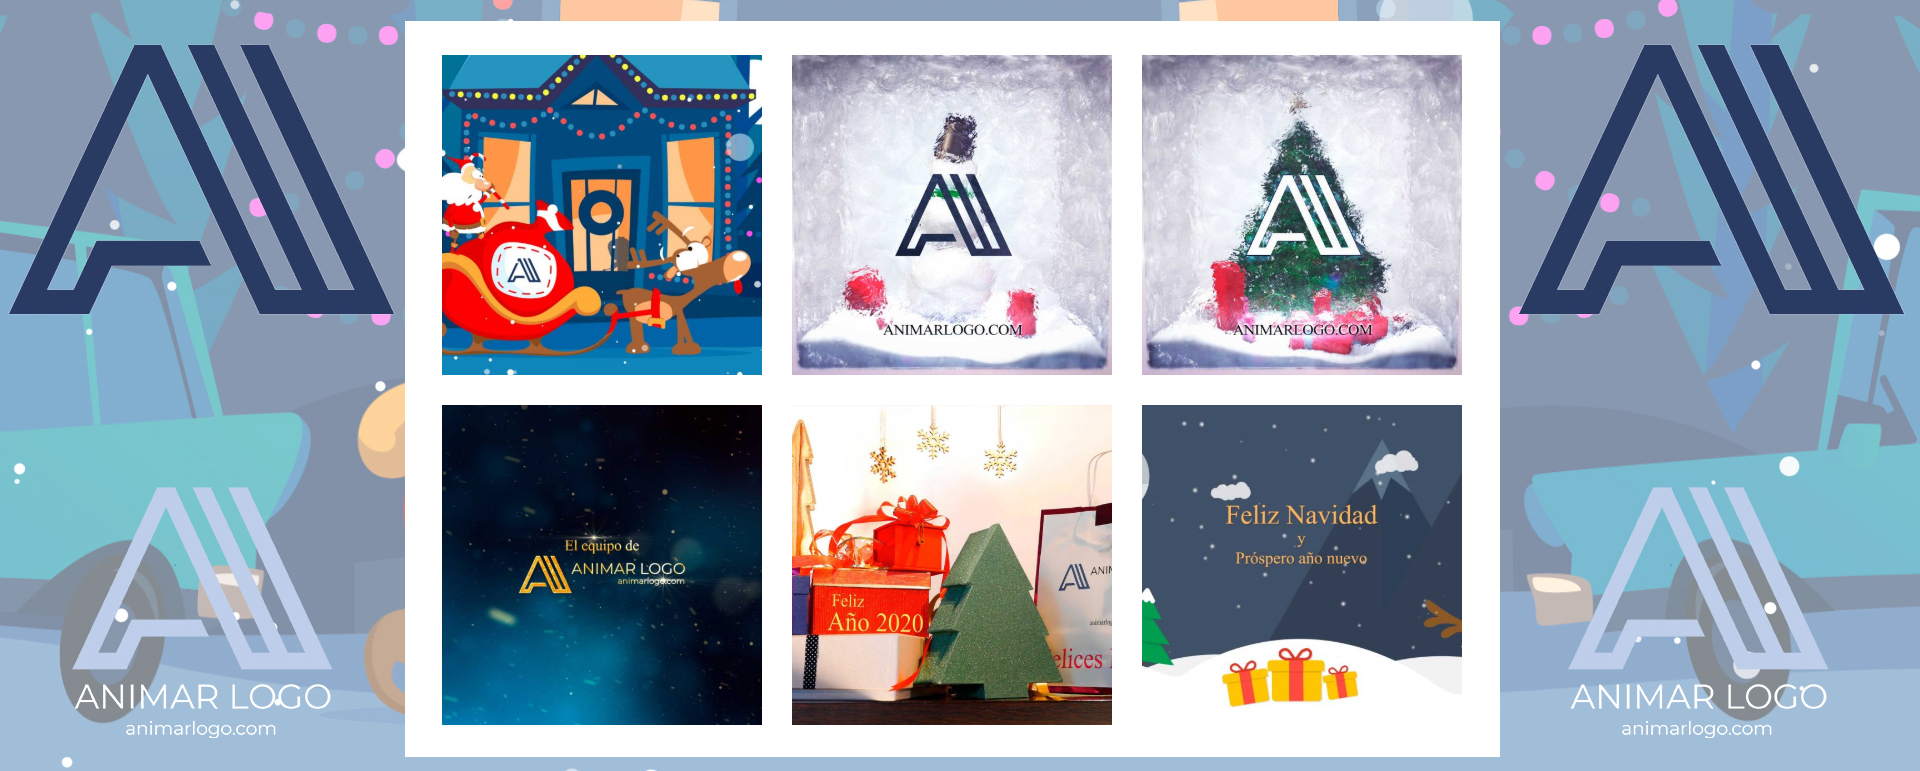 Especial Navidad Felicitaciones personalizadas desde tan solo 99 euros AnimarLogo animar logo facebook